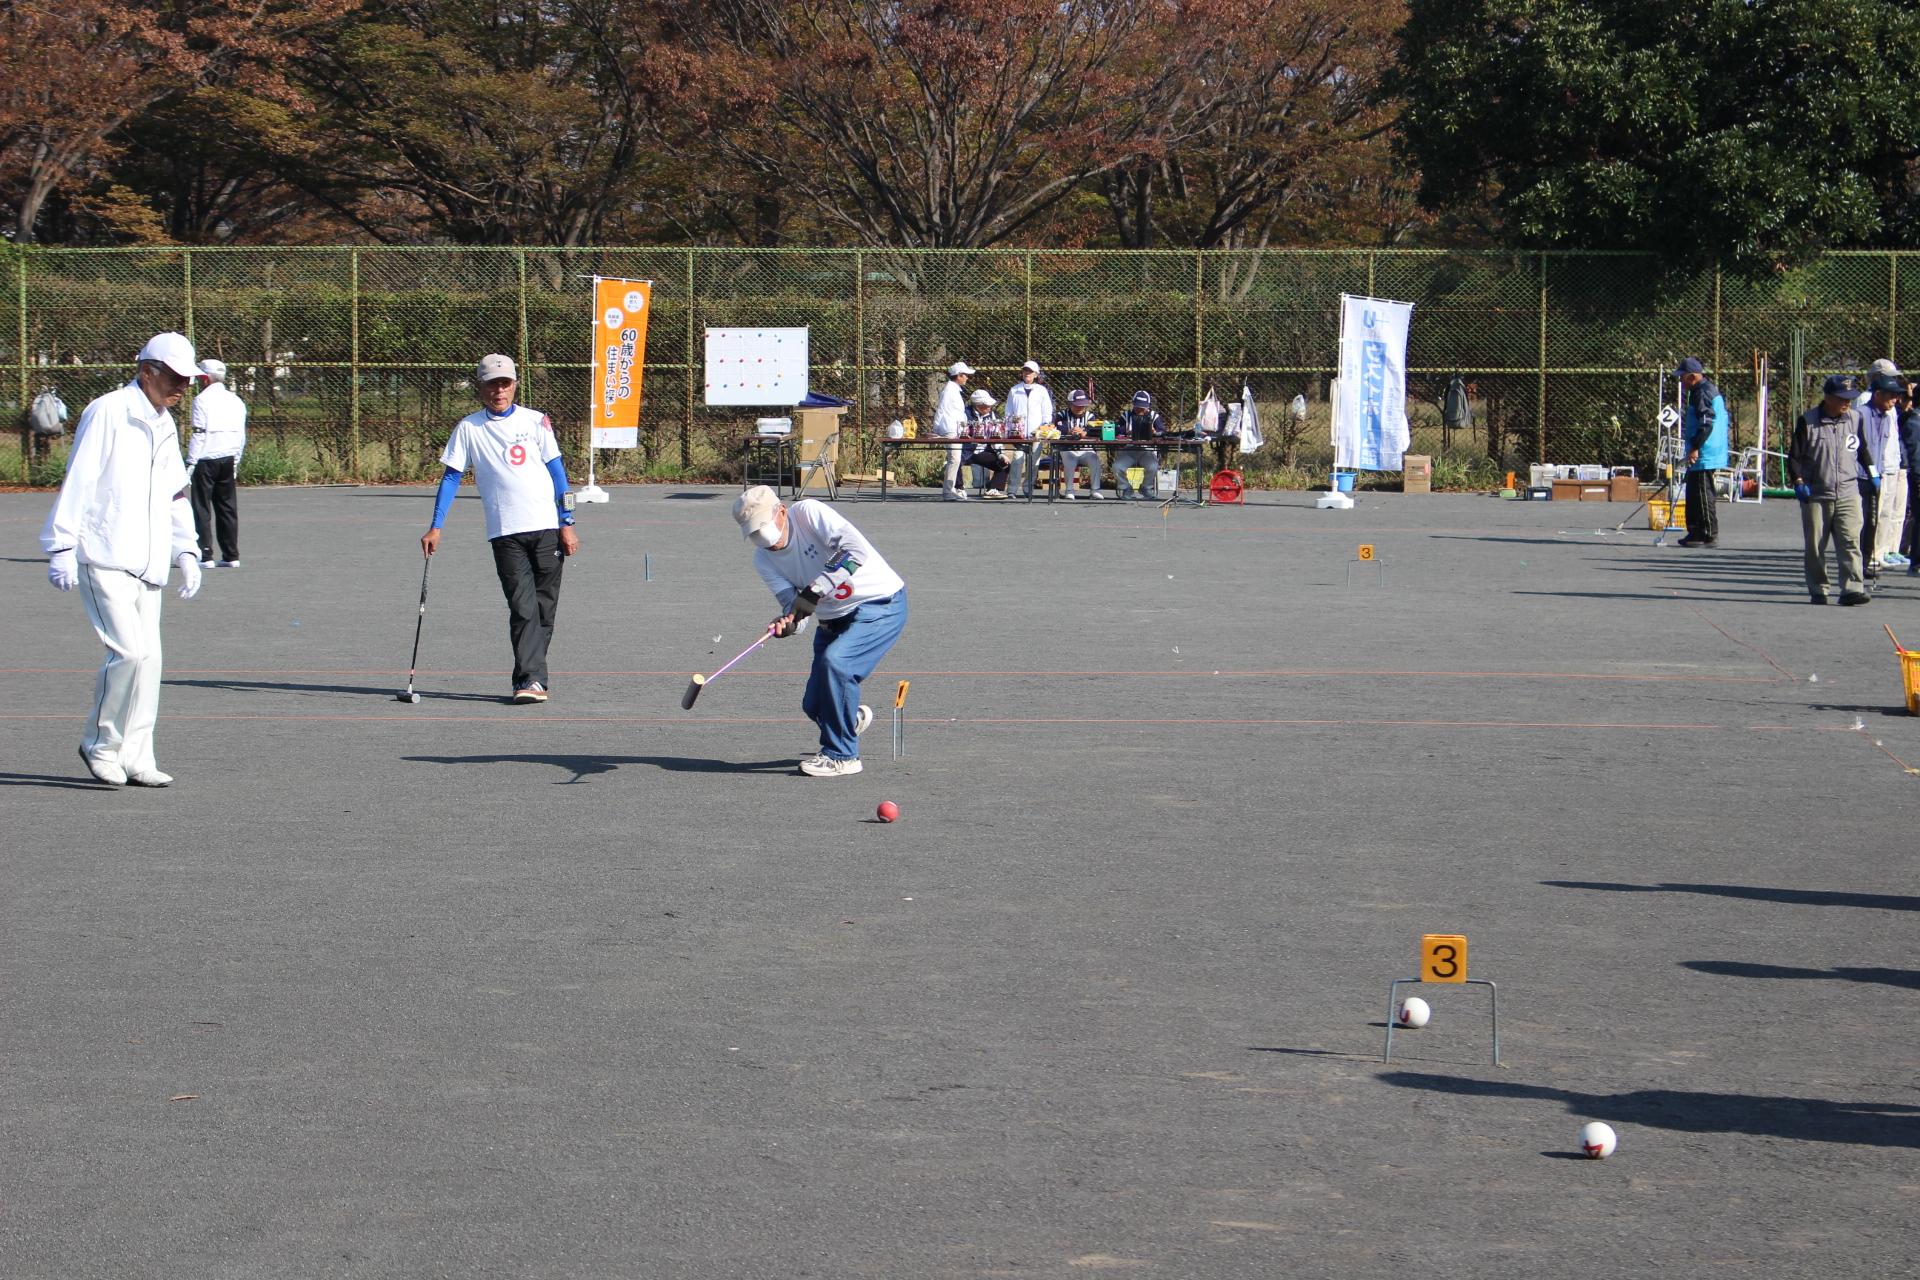 20191101_第4回 ウスイホーム杯 ゲートボール大会 (79)